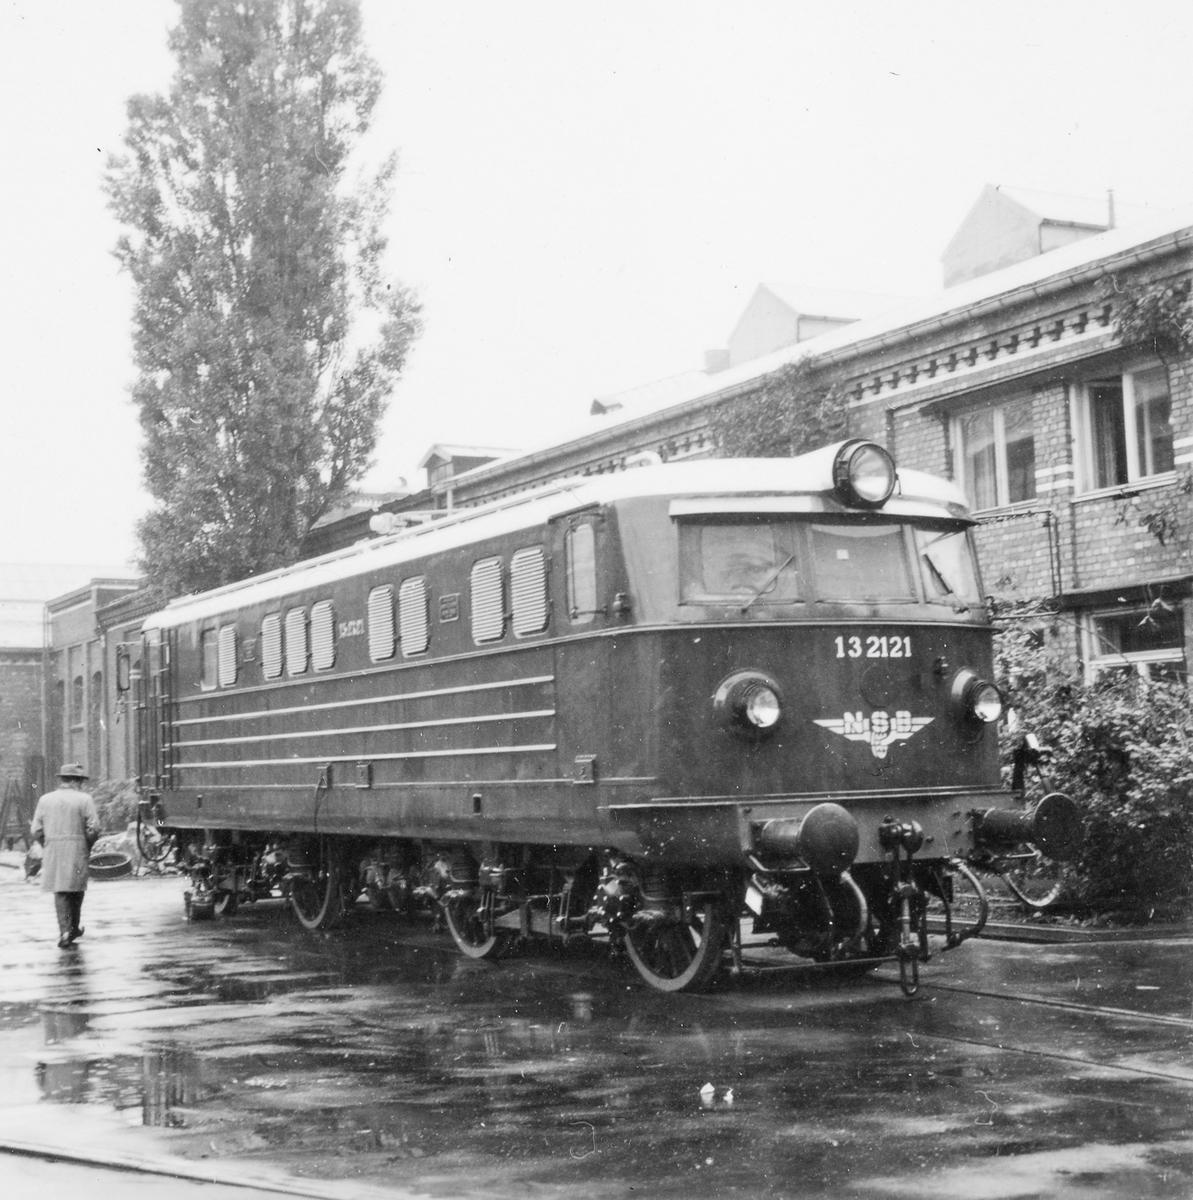 Elektrisk lokomotiv type El 13 nr. 2121 ved leveranse fra Thunes Mekaniske Verksted i Oslo. Dette var første lokomotiv av denne typen.